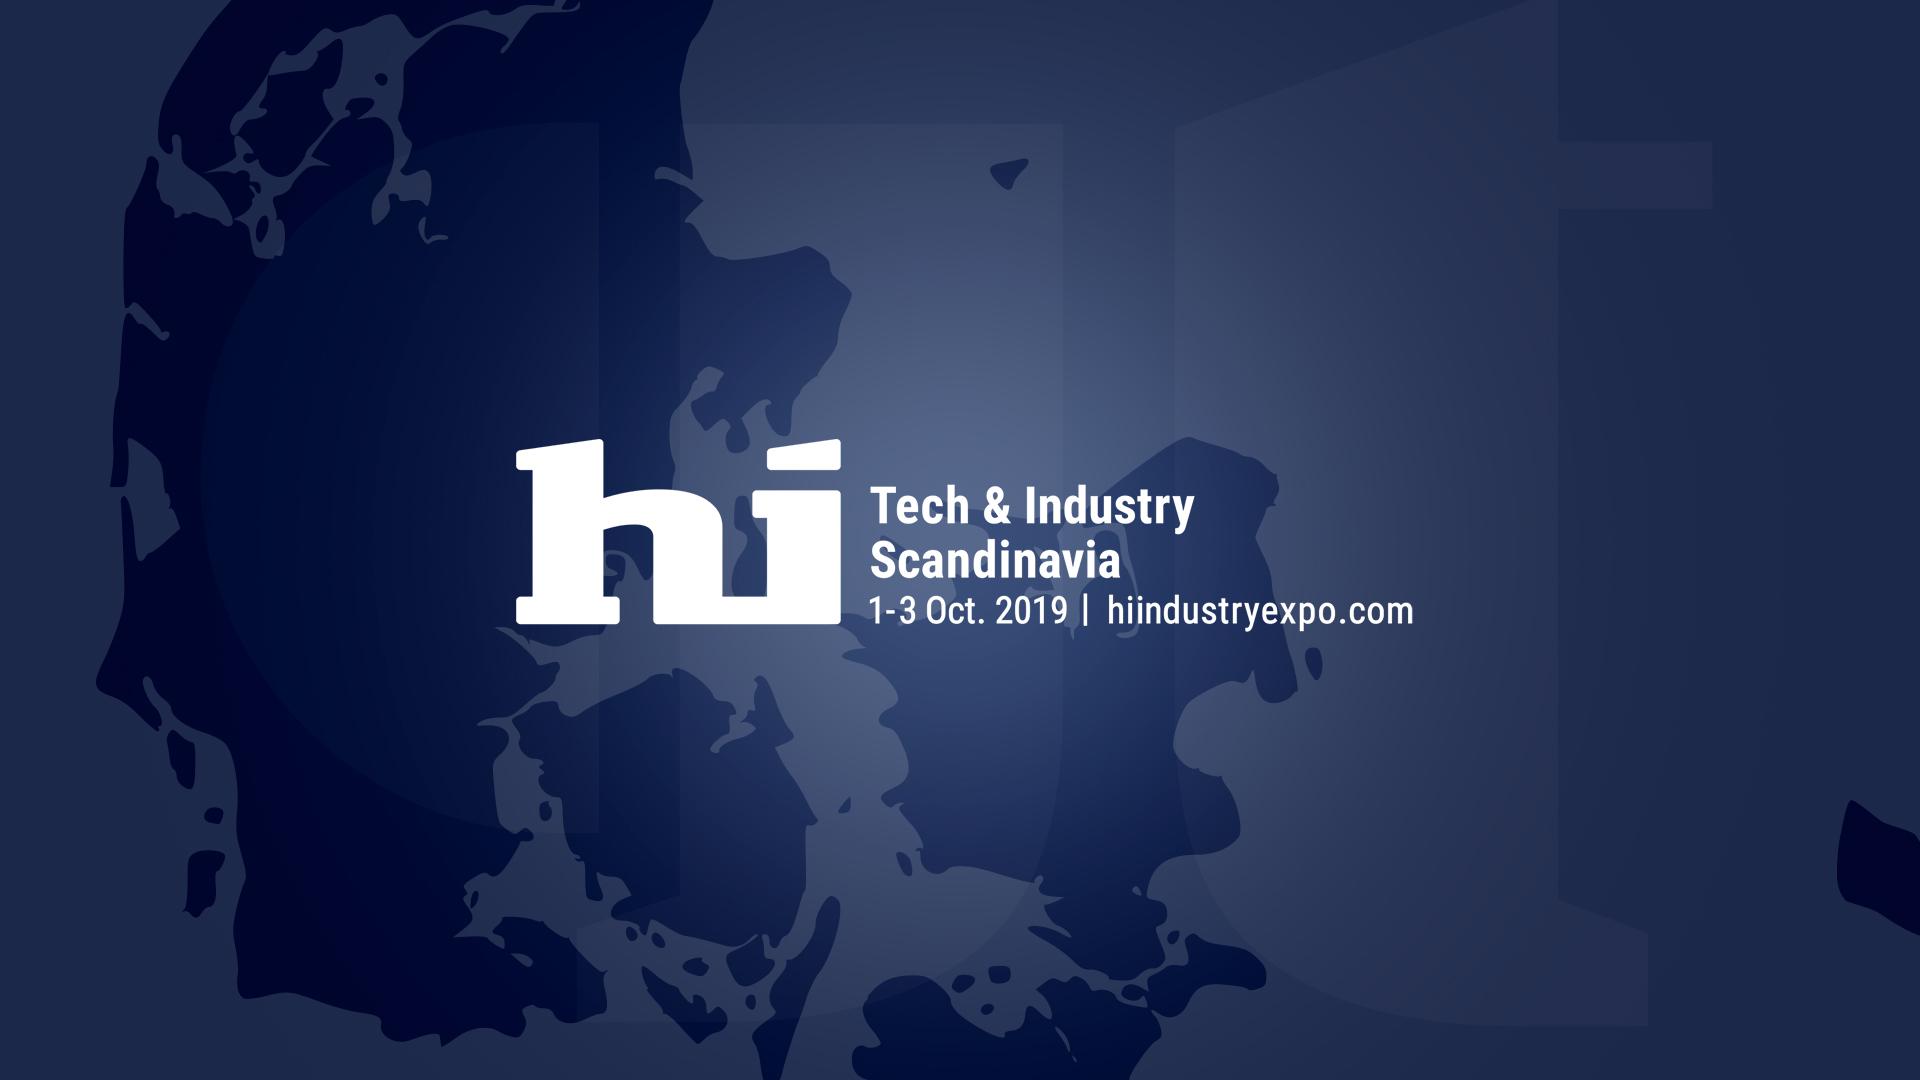 GT_hi_techindustry.jpg